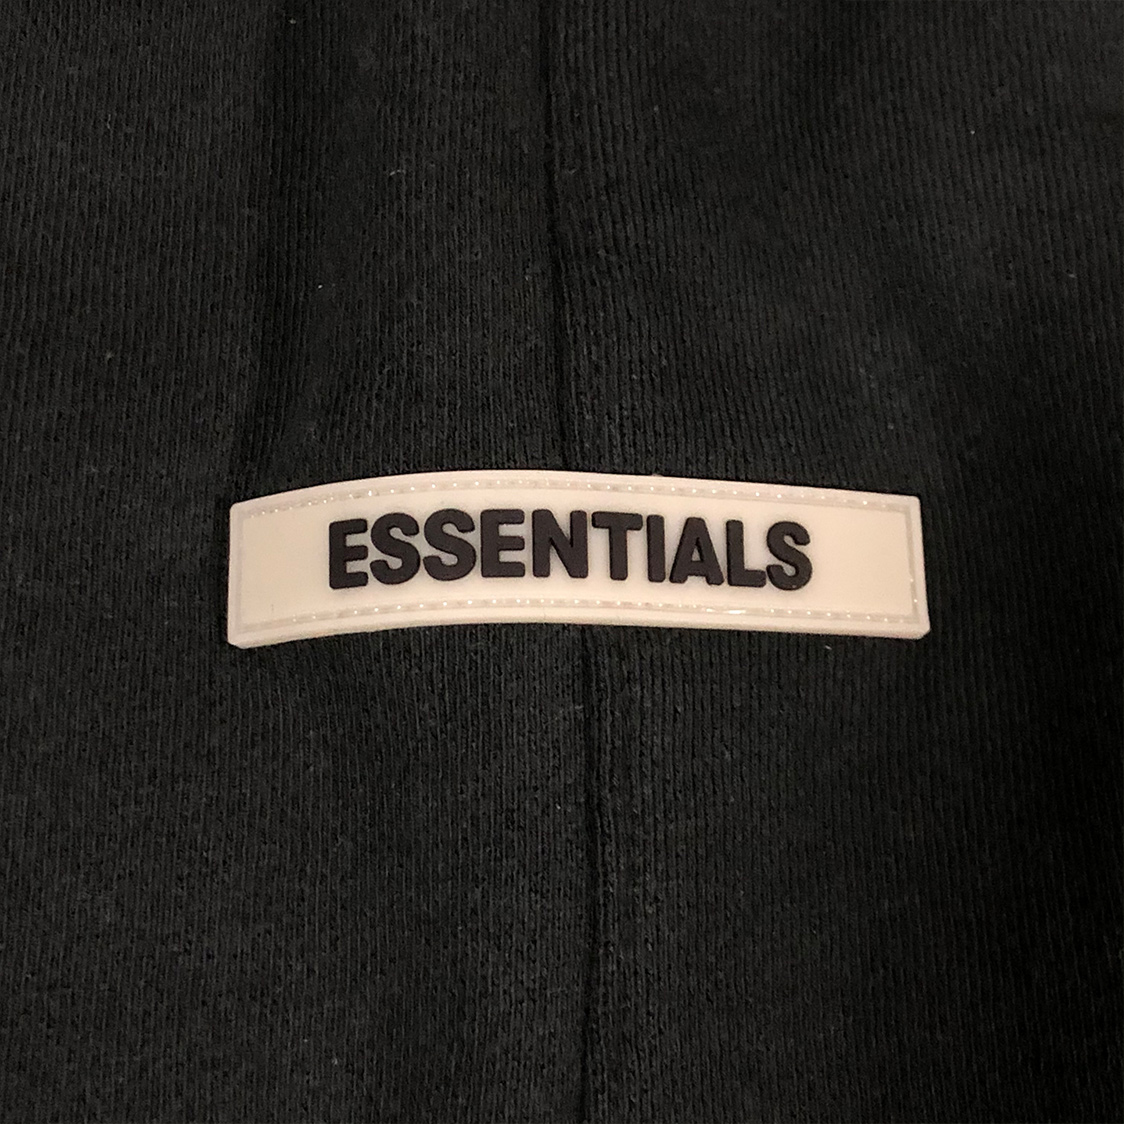 新品 Fear Of God Essentials フェアオブゴッド エッセンシャルズ 【XSサイズ】 リフレクティブ スウェット ショーツ ハーフパンツ ブラック FOG